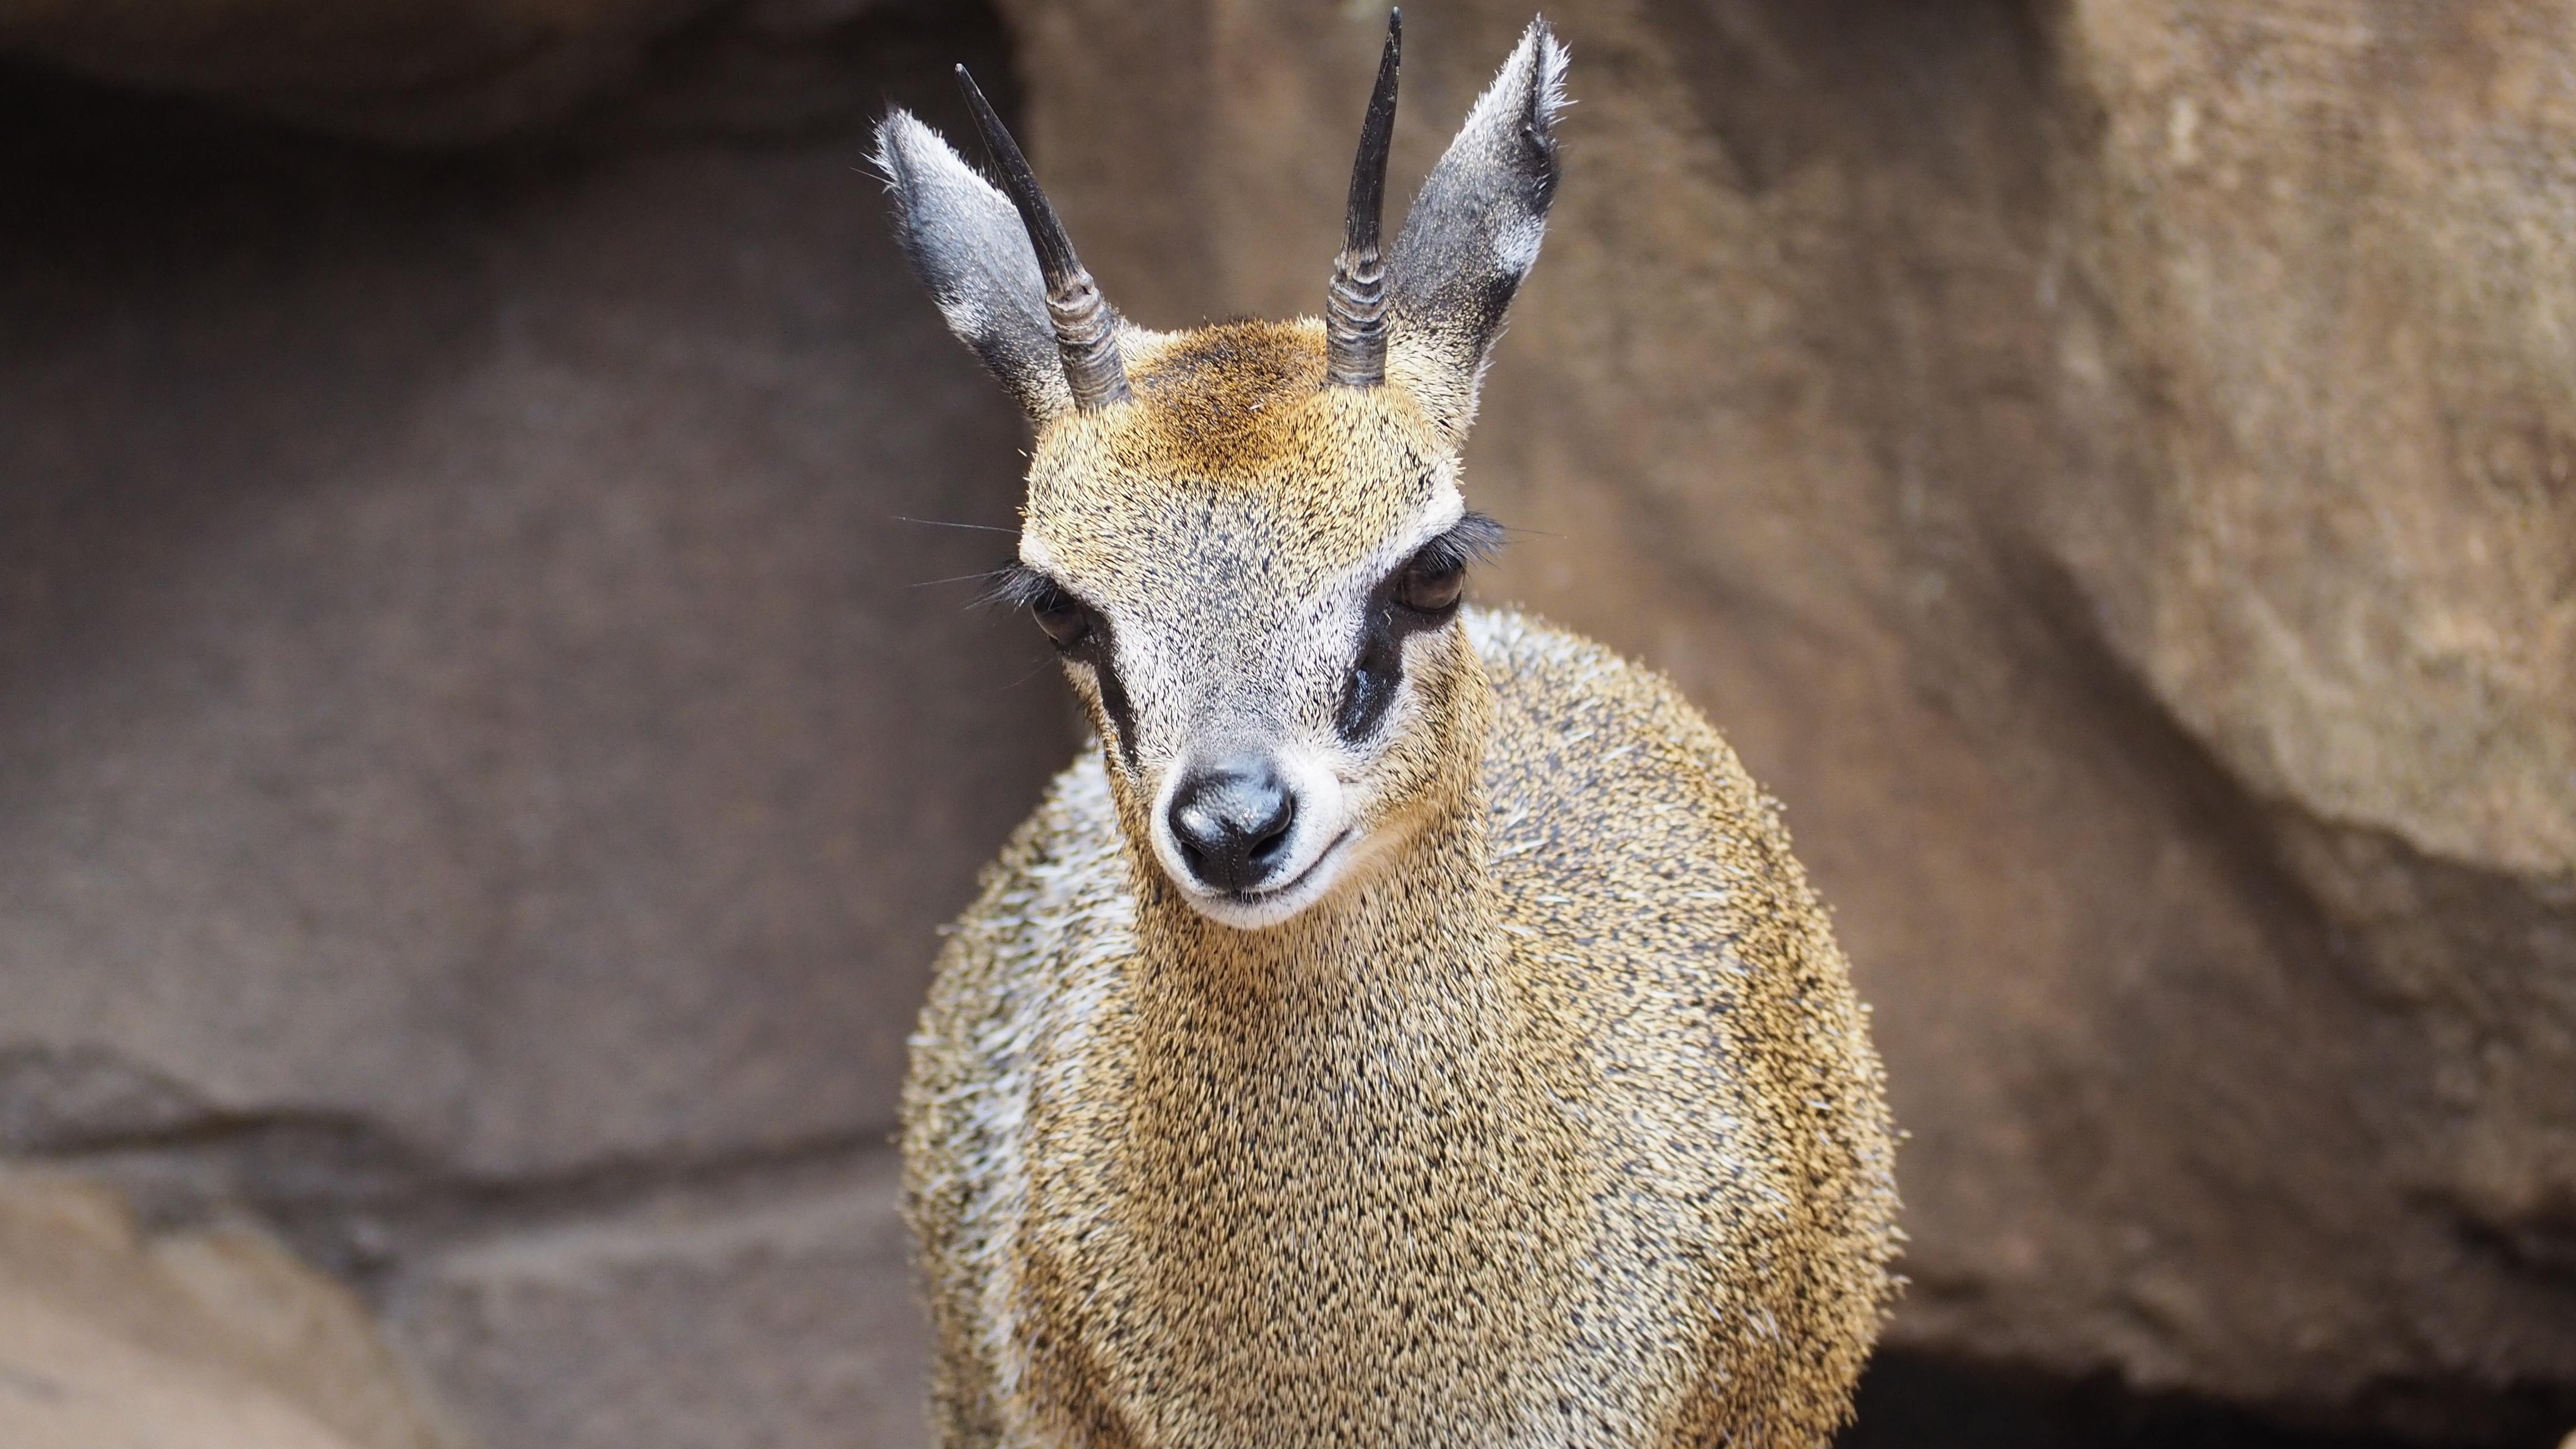 Immagini gratis Natura, Animale, Fauna selvatica, Selvaggio, Zoo, Corno-2836